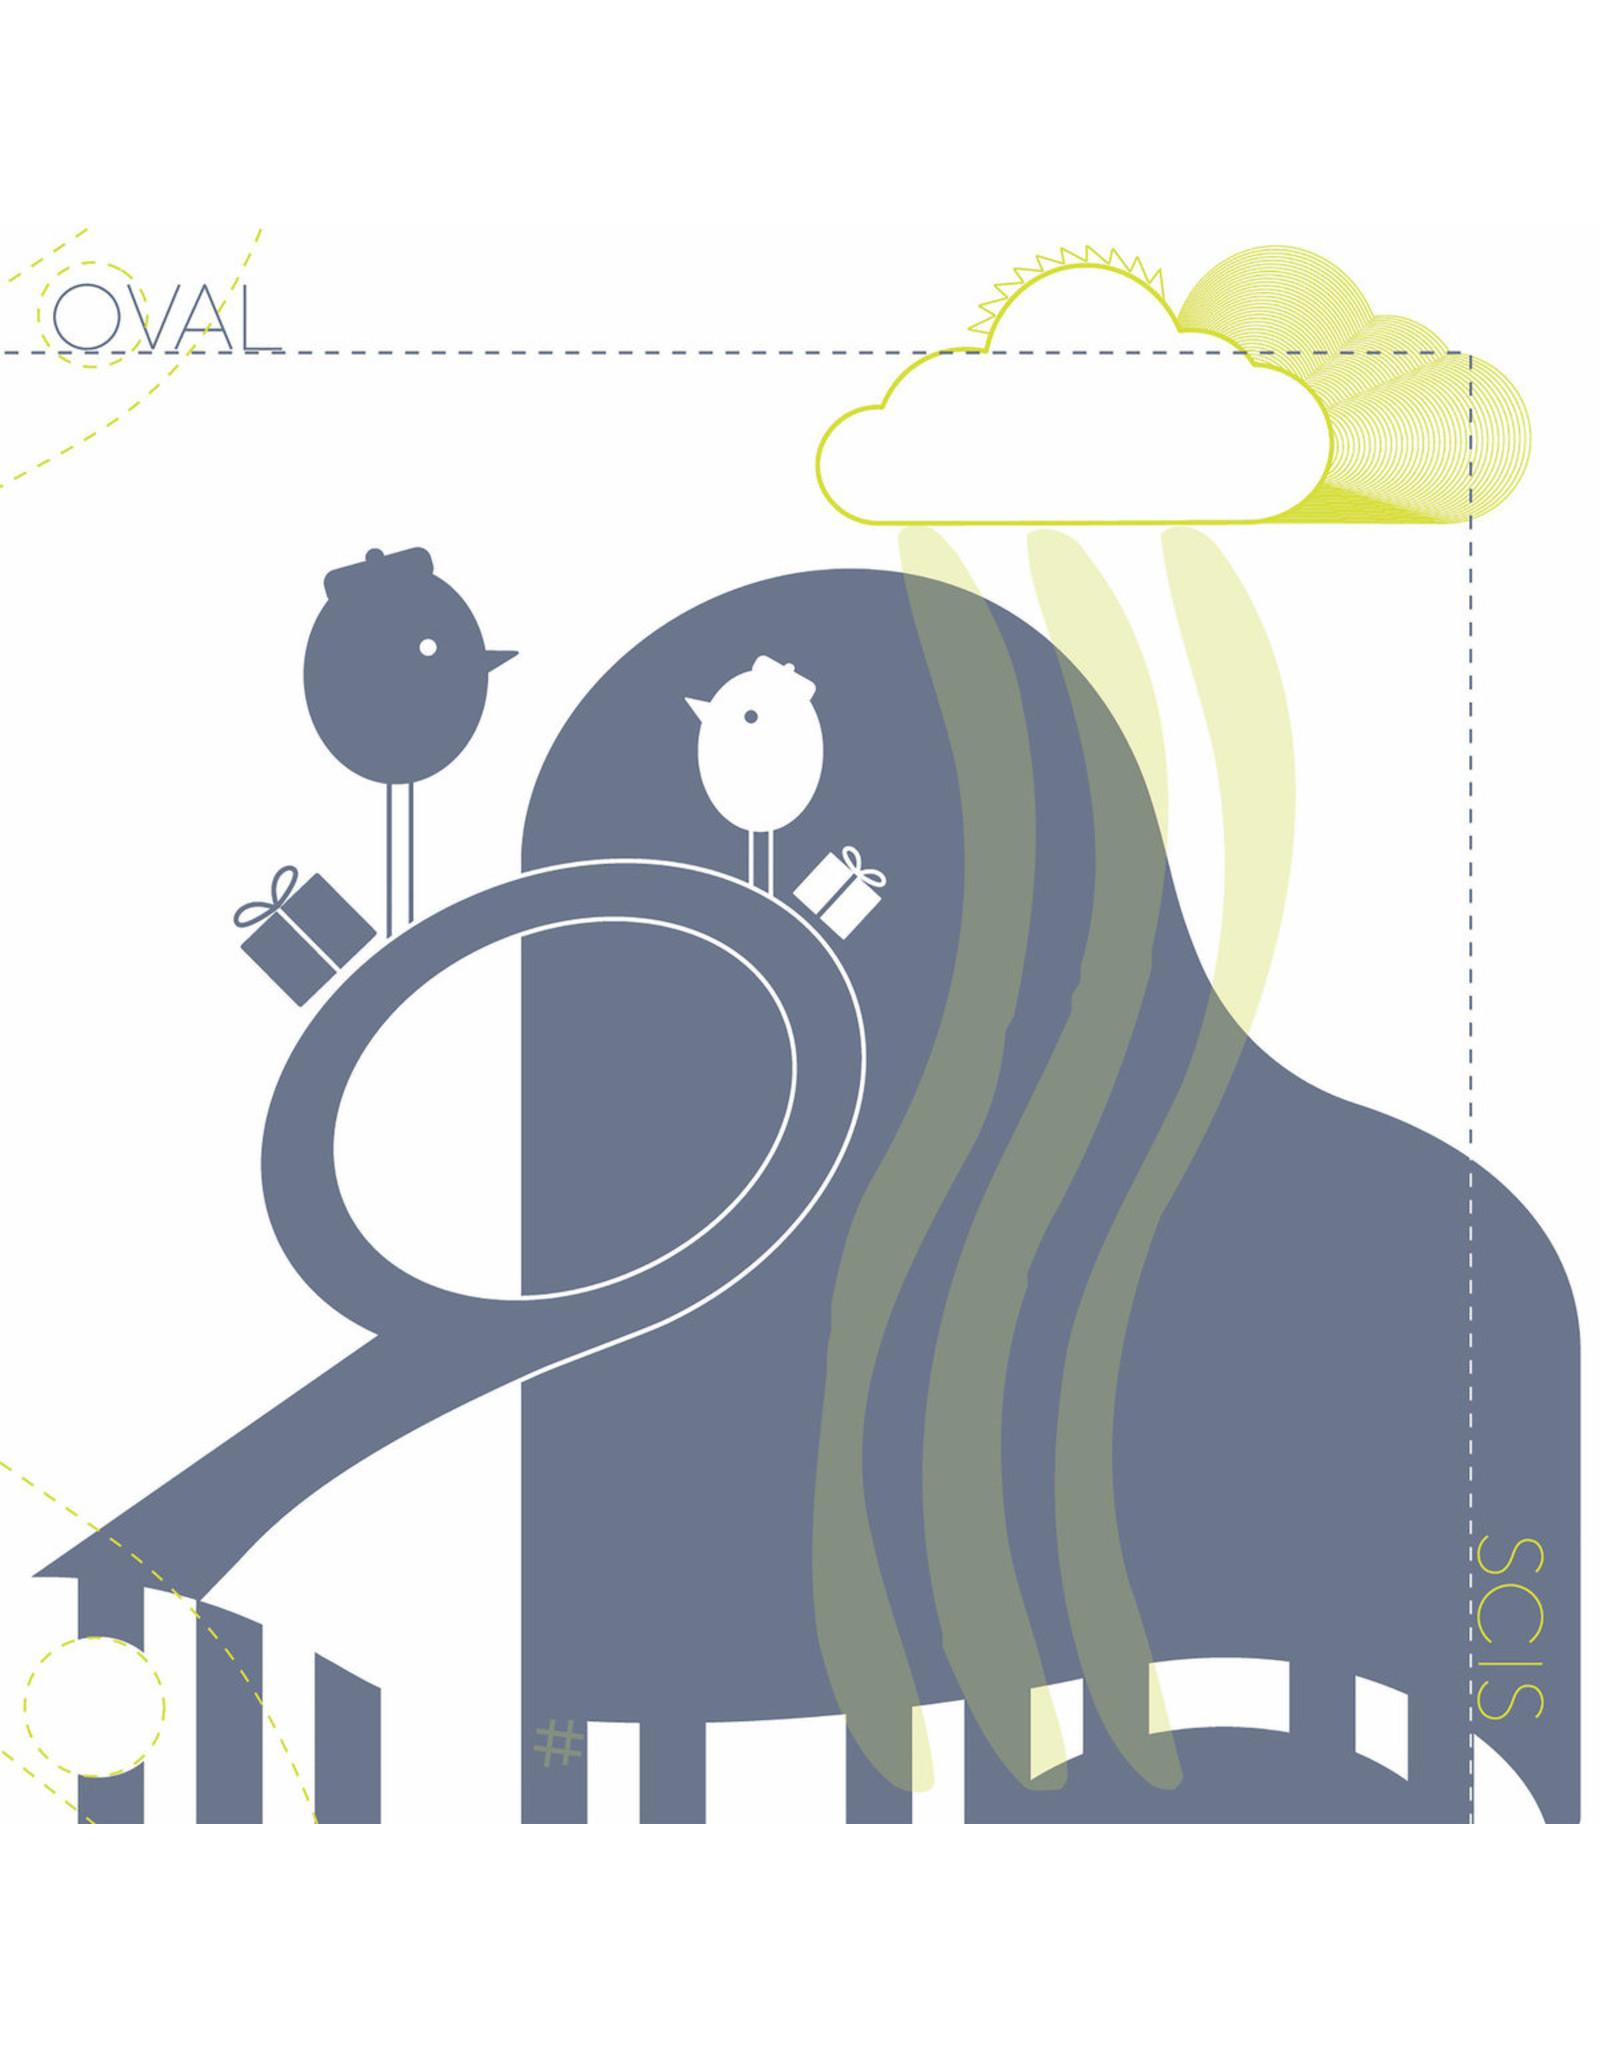 New Vinyl Oval - Scis LP